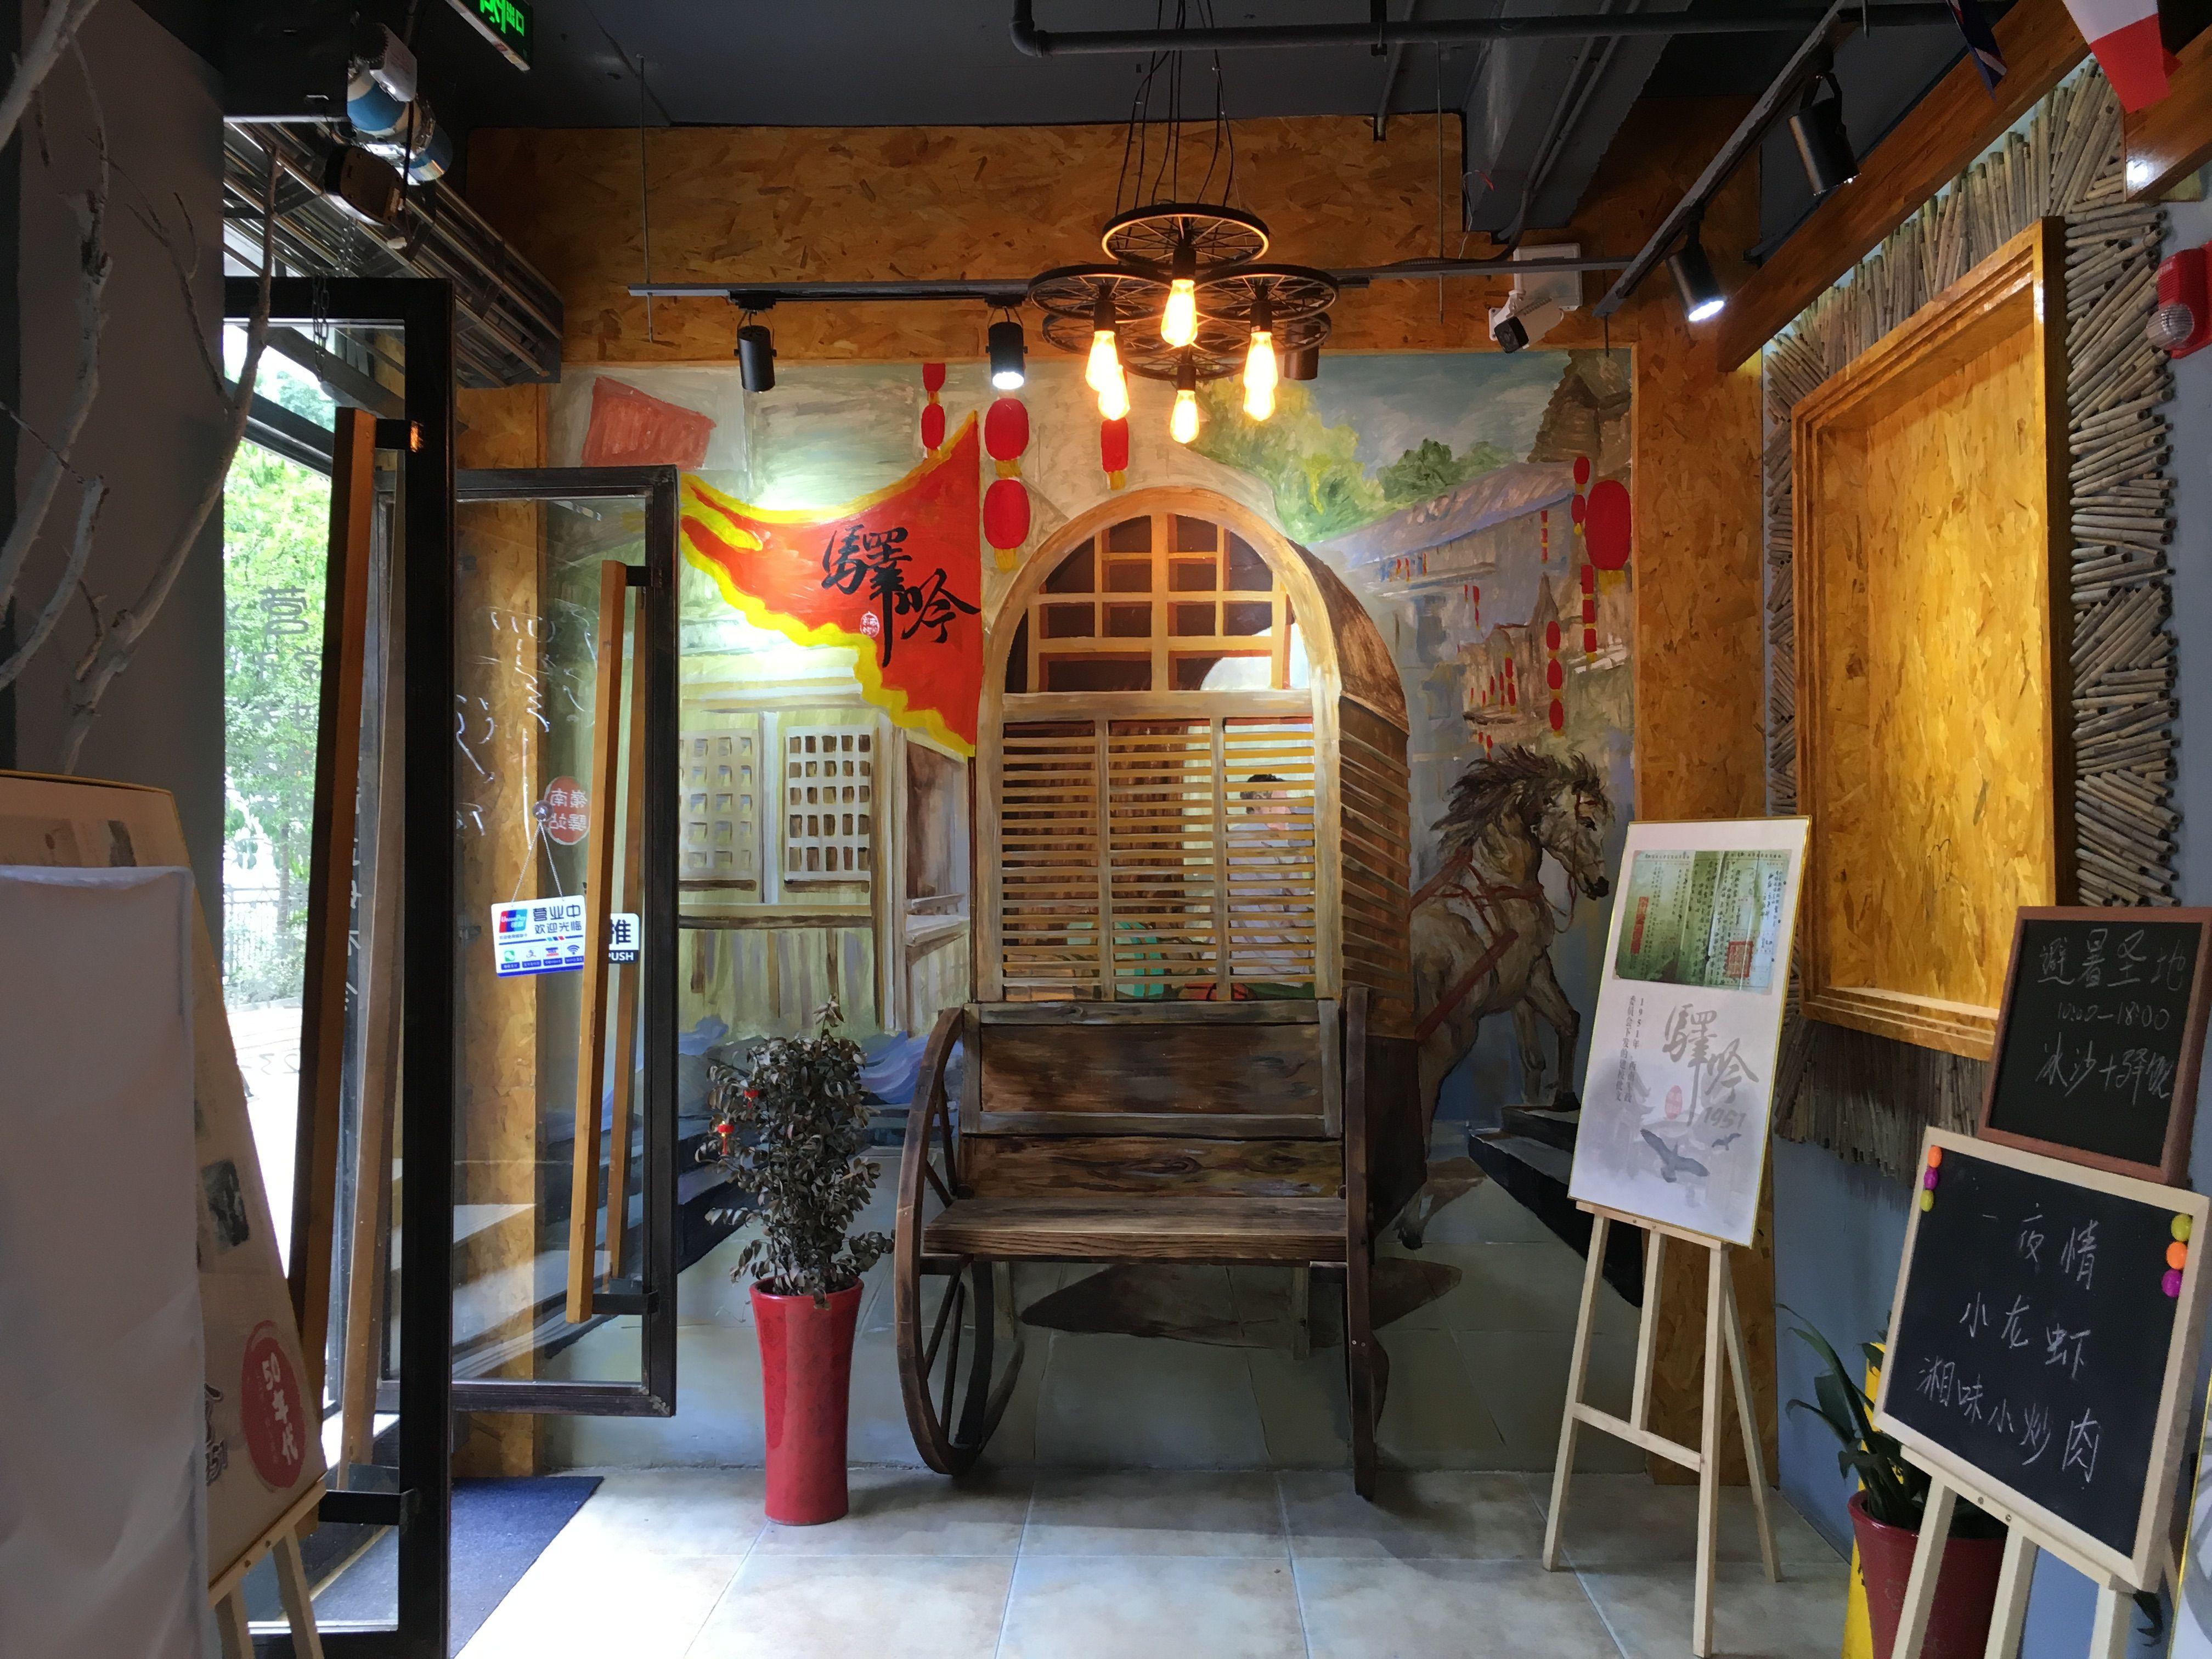 创客会所 - 餐饮空间 - 丁胜设计作品案例